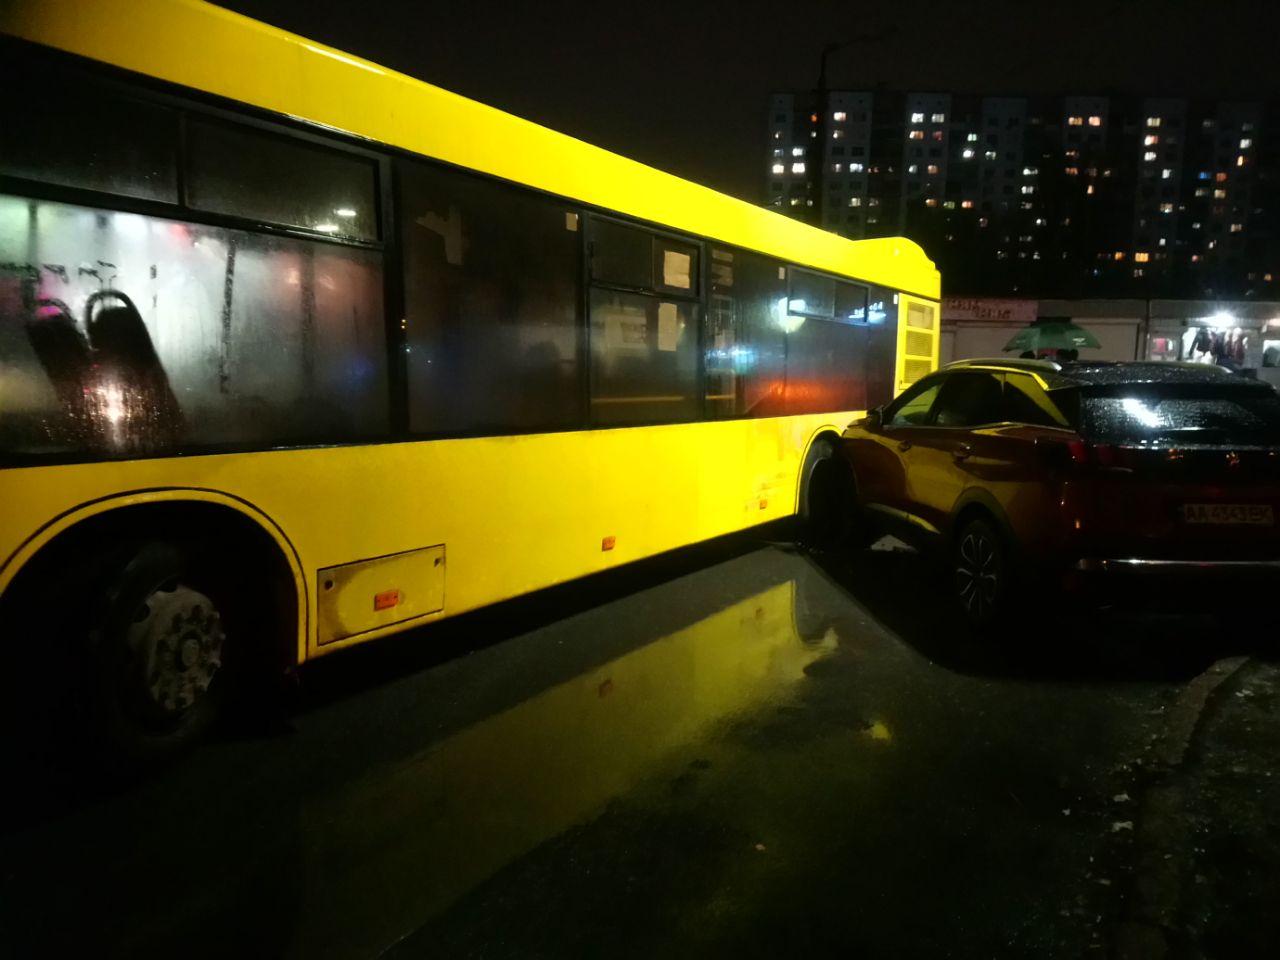 Курйозна ДТП: автобус не зміг об'їхати героя парковки - паркування, ДТП, автобус - IMG 20201120 194530 205